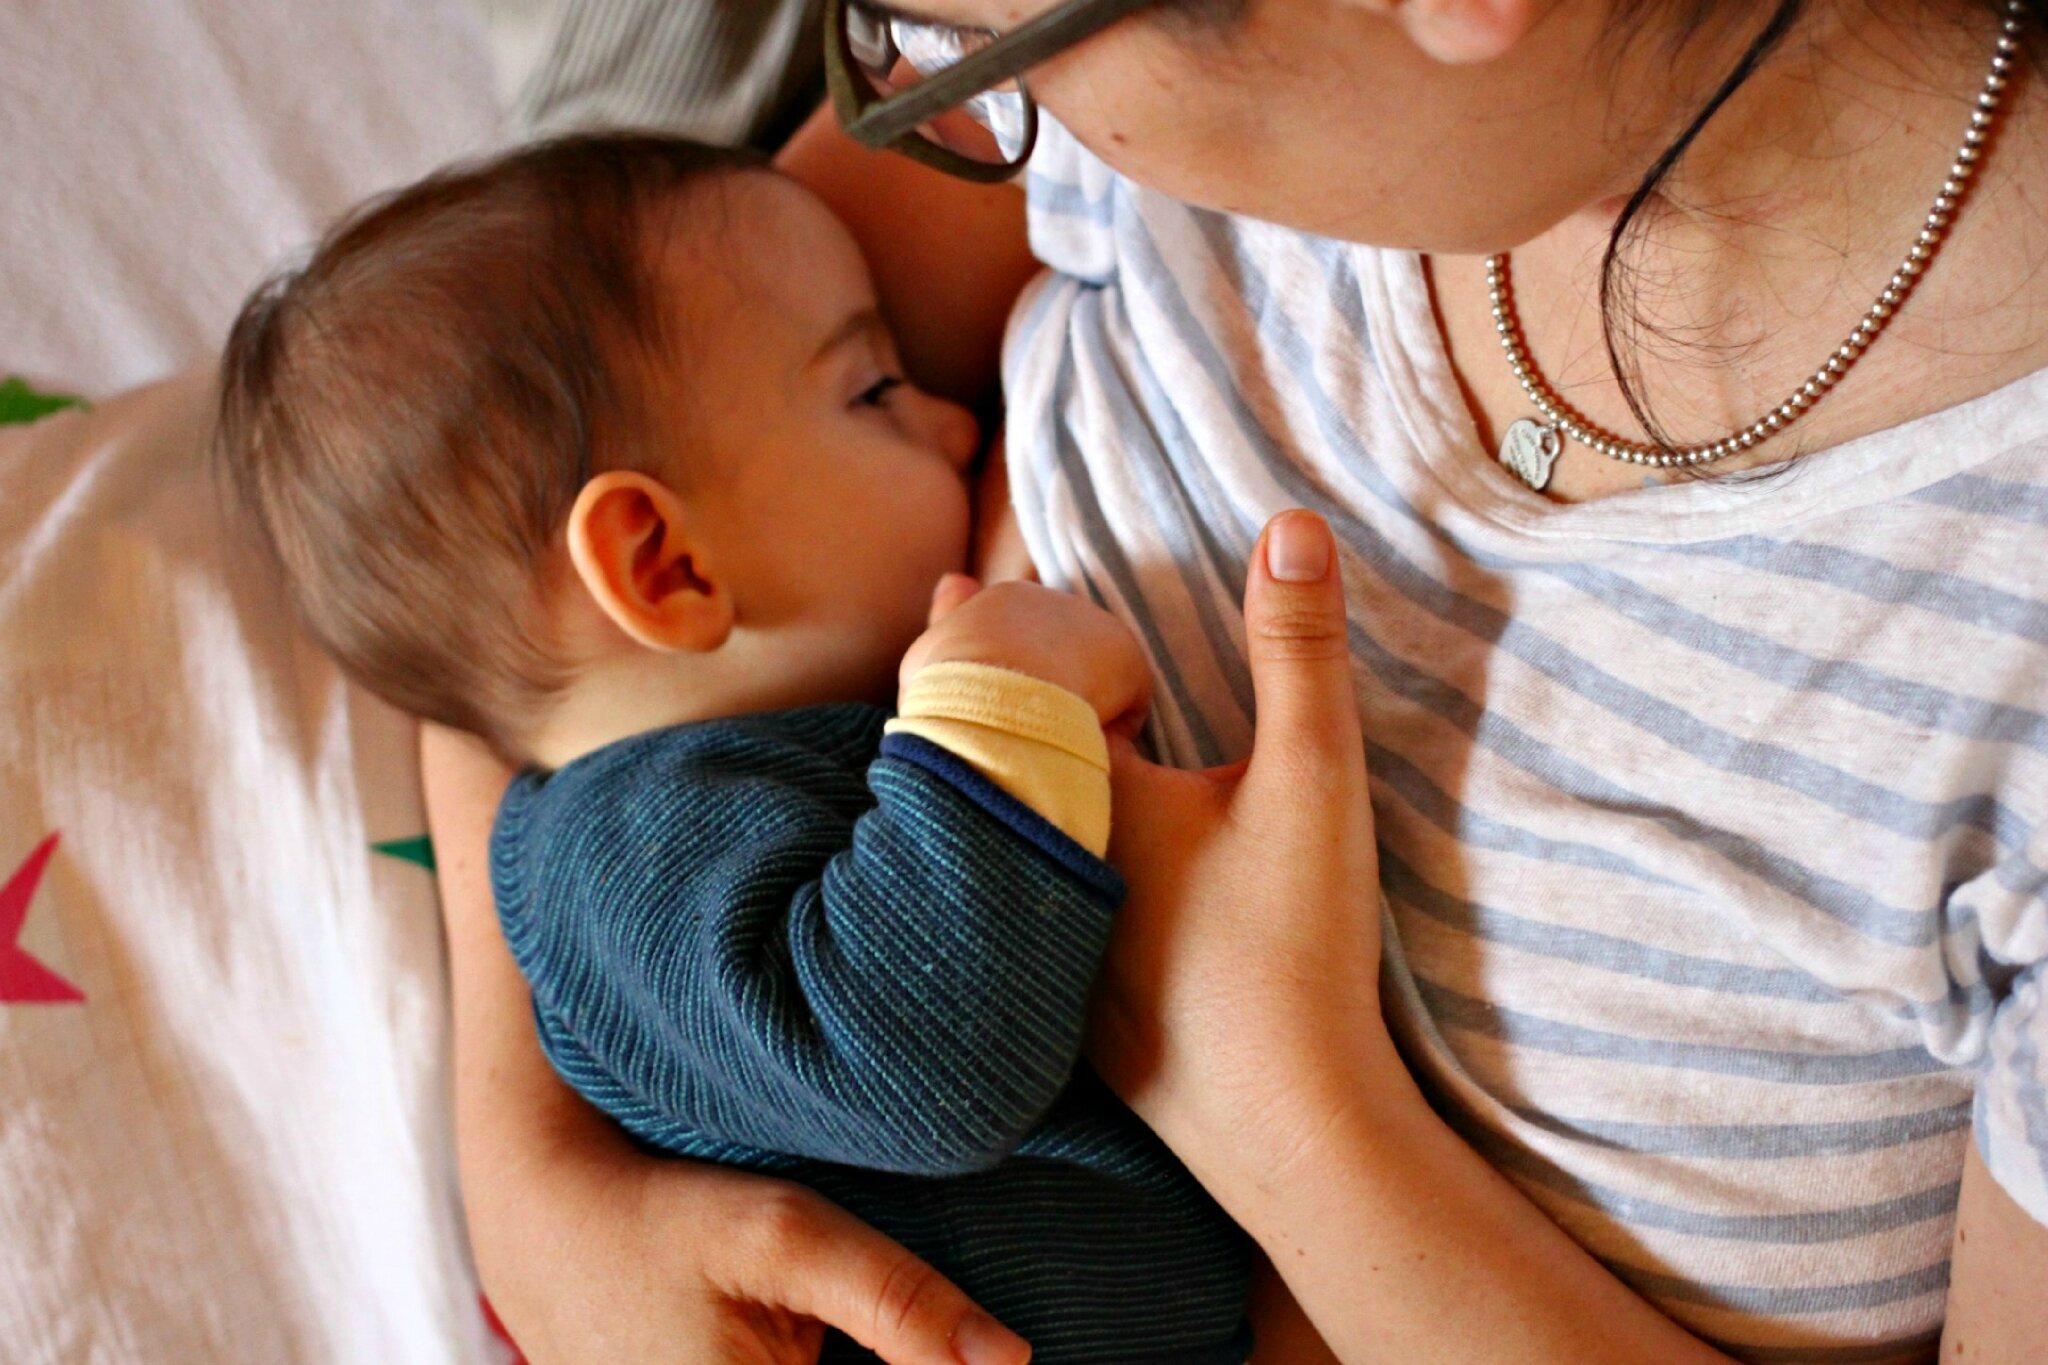 pourquoi les mères qui allaitent perdent-elles du poids dr morelli ed eco slim